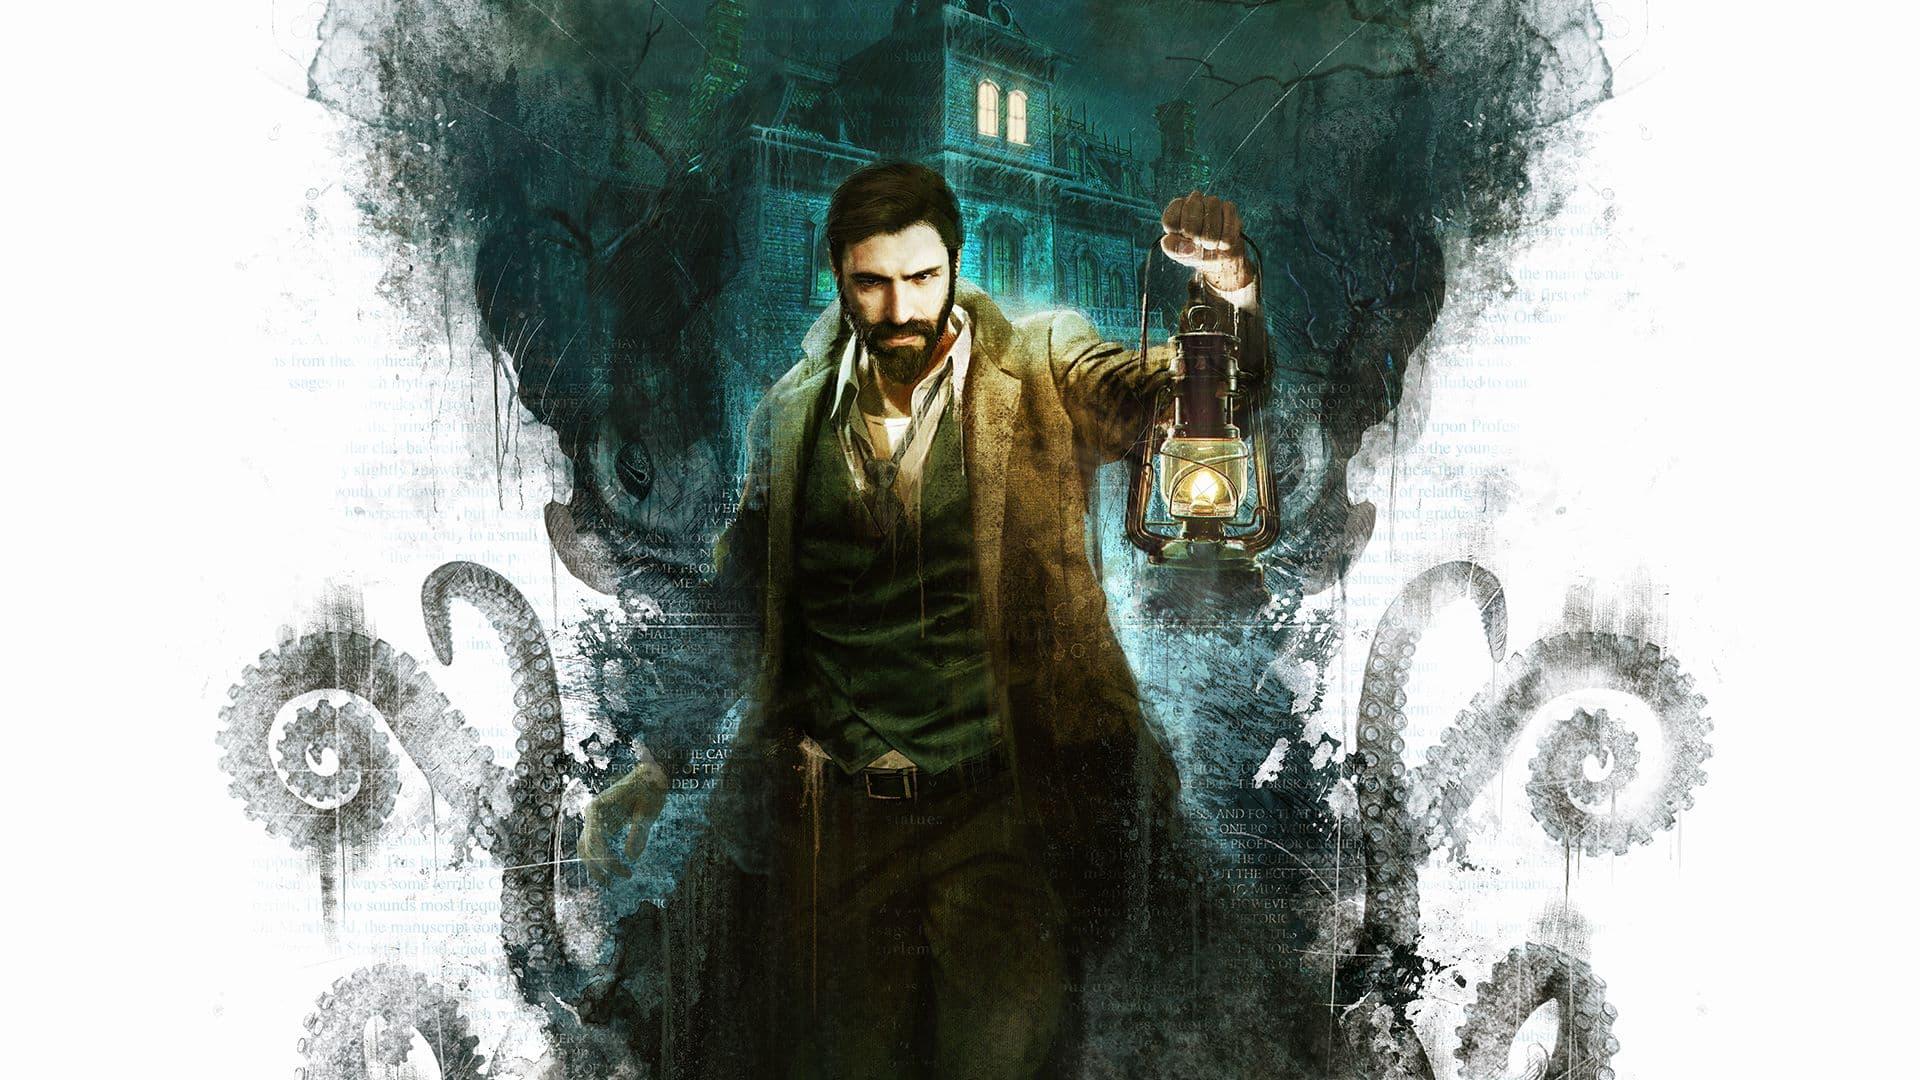 Las 10 mejores rebajas de Halloween de Steam en juegos de terror 3